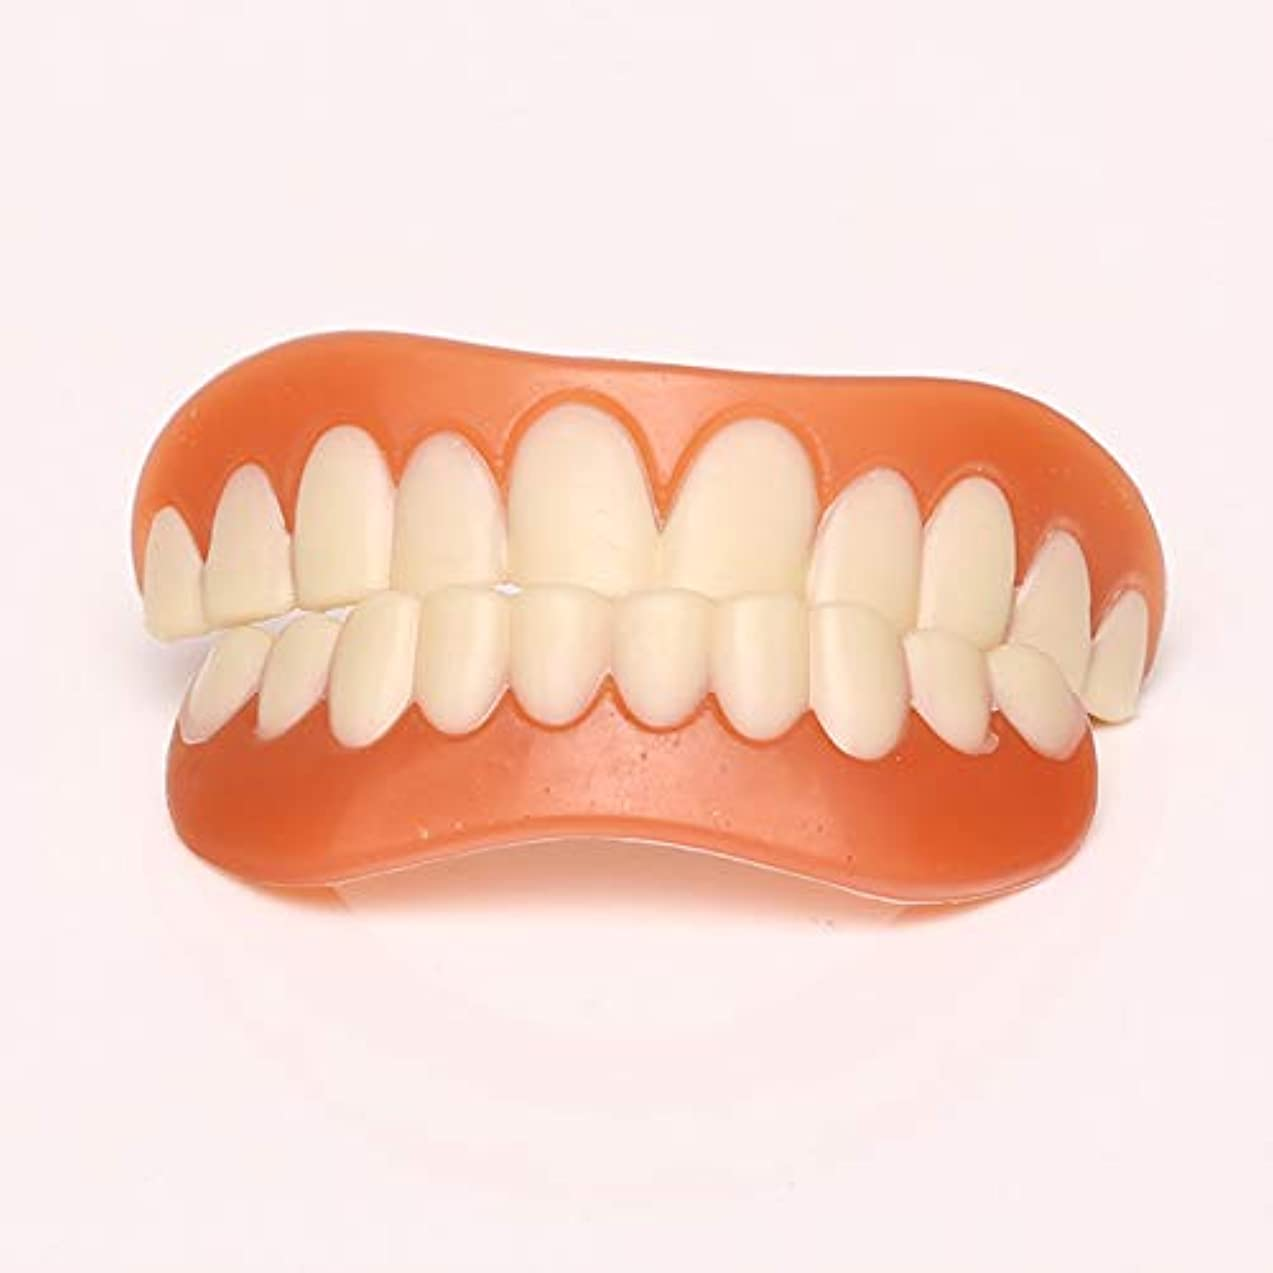 とは異なりはげ昼寝化粧品の歯、白い歯をきれいにするための快適なフィットフレックス歯ソケット、化粧品の歯義歯の歯のトップ化粧品、5セット